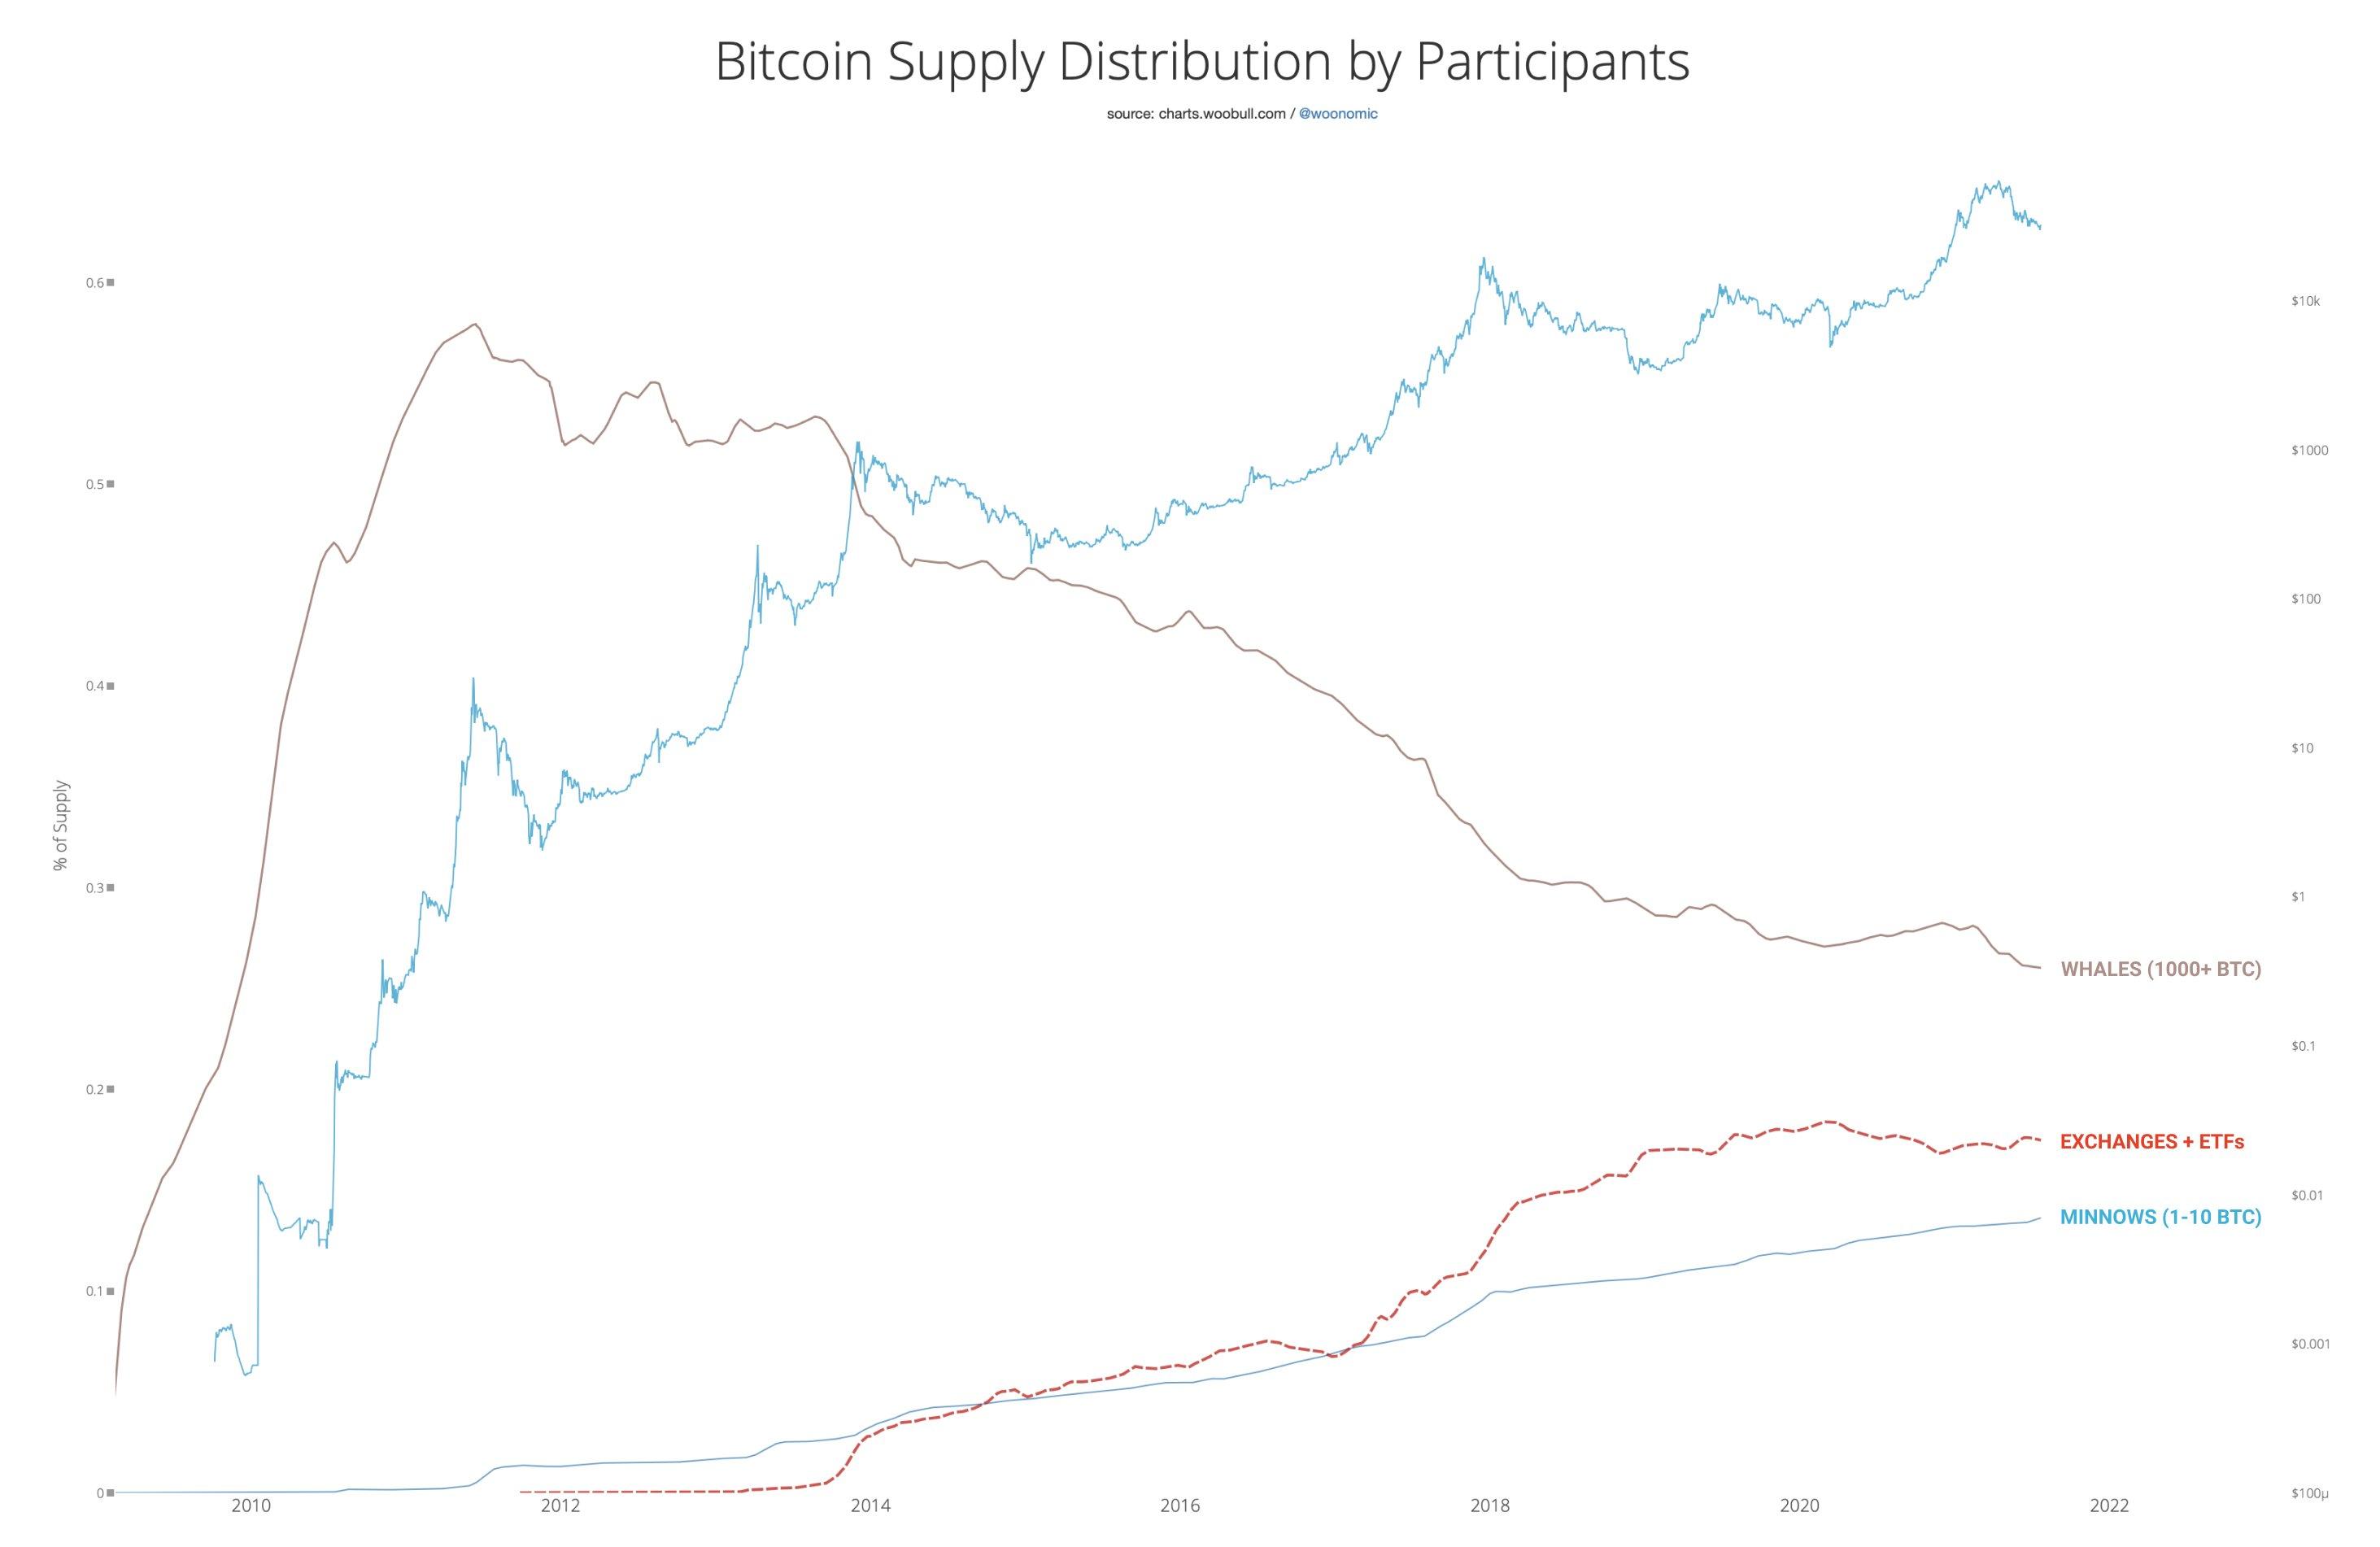 FXMAG kryptowaluty analiza on-chain: wieloryby i płotki kupują na trwających spadkach rynki,analiza on-chain,bitcoin (btc),wieloryby,will clemente,willy woo,wiadomości,informacje 1